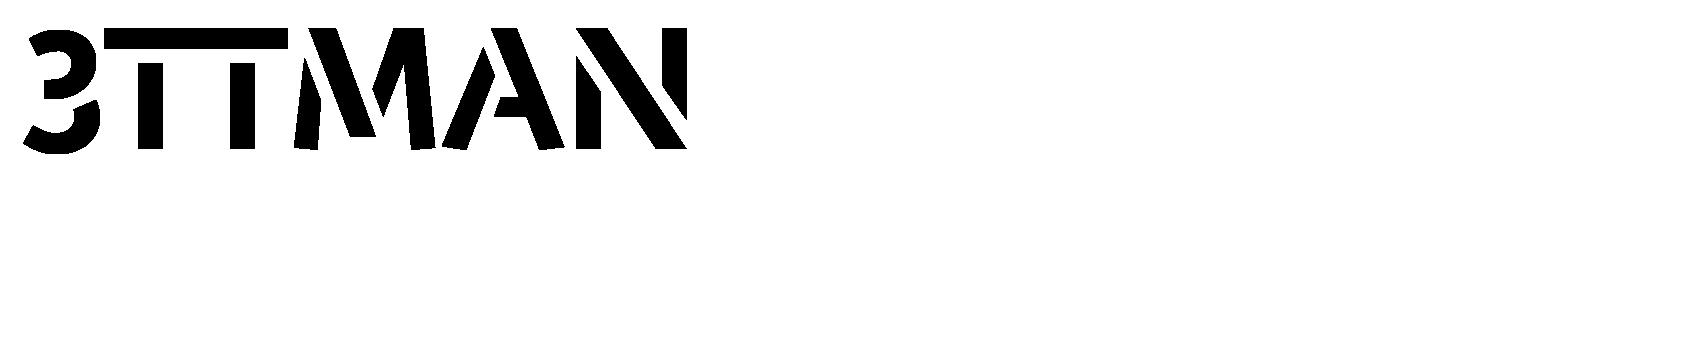 2016-3ttman